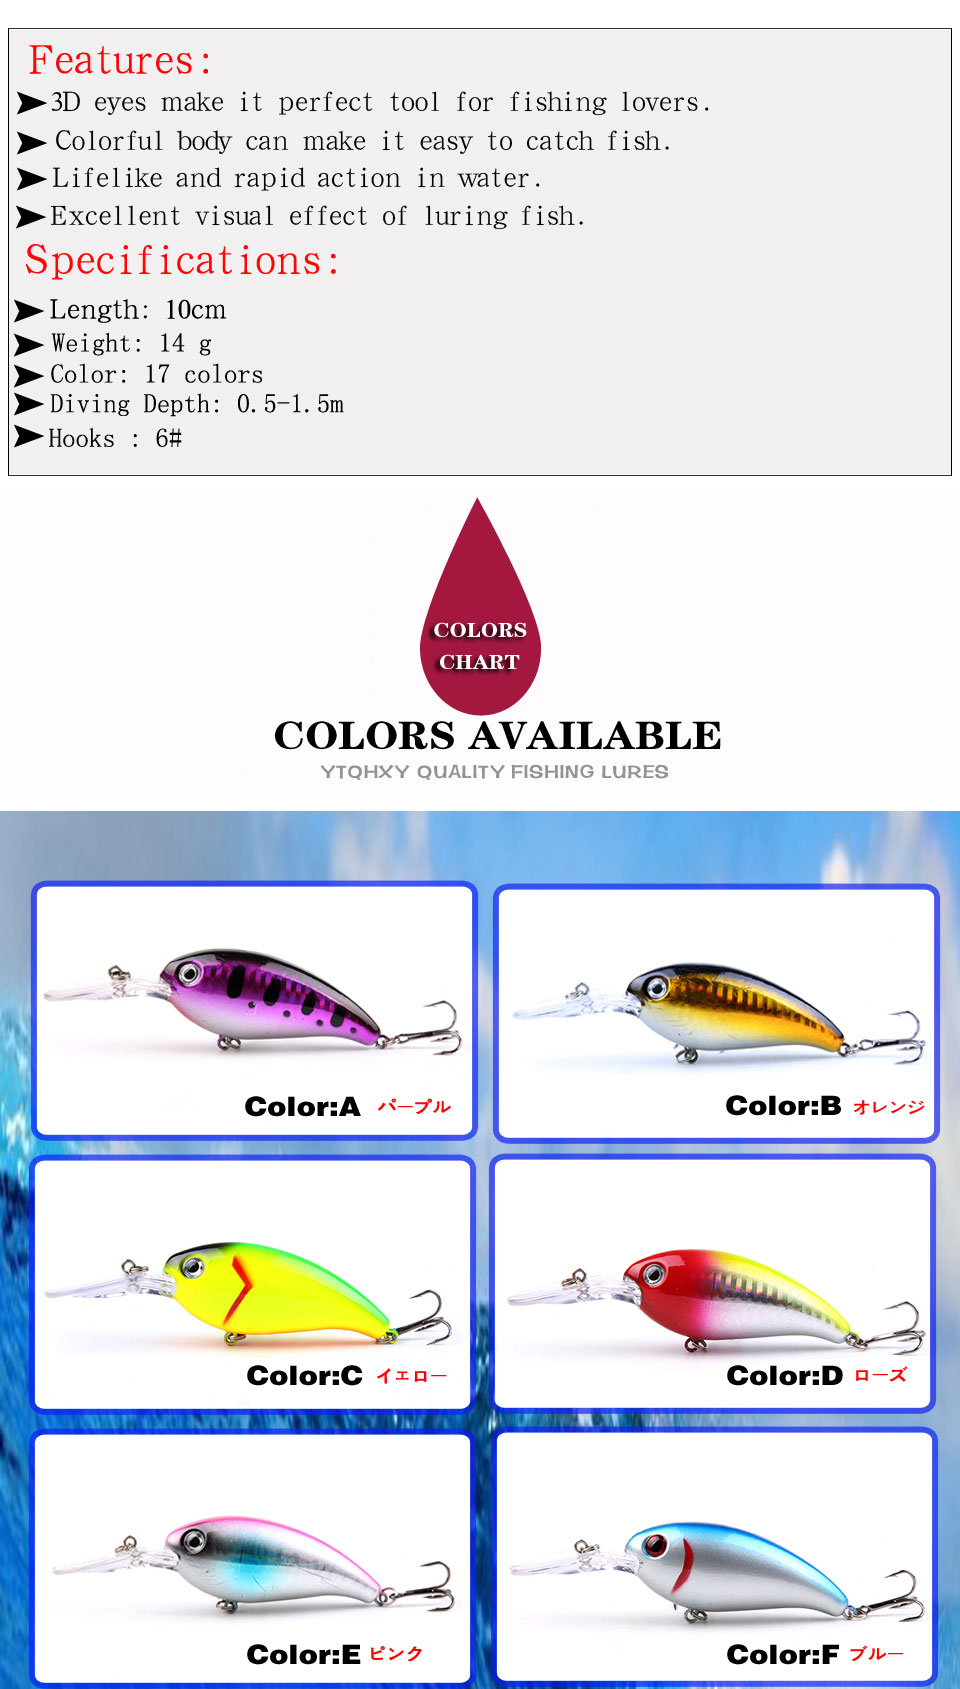 электронный приманка для рыбы отзывы